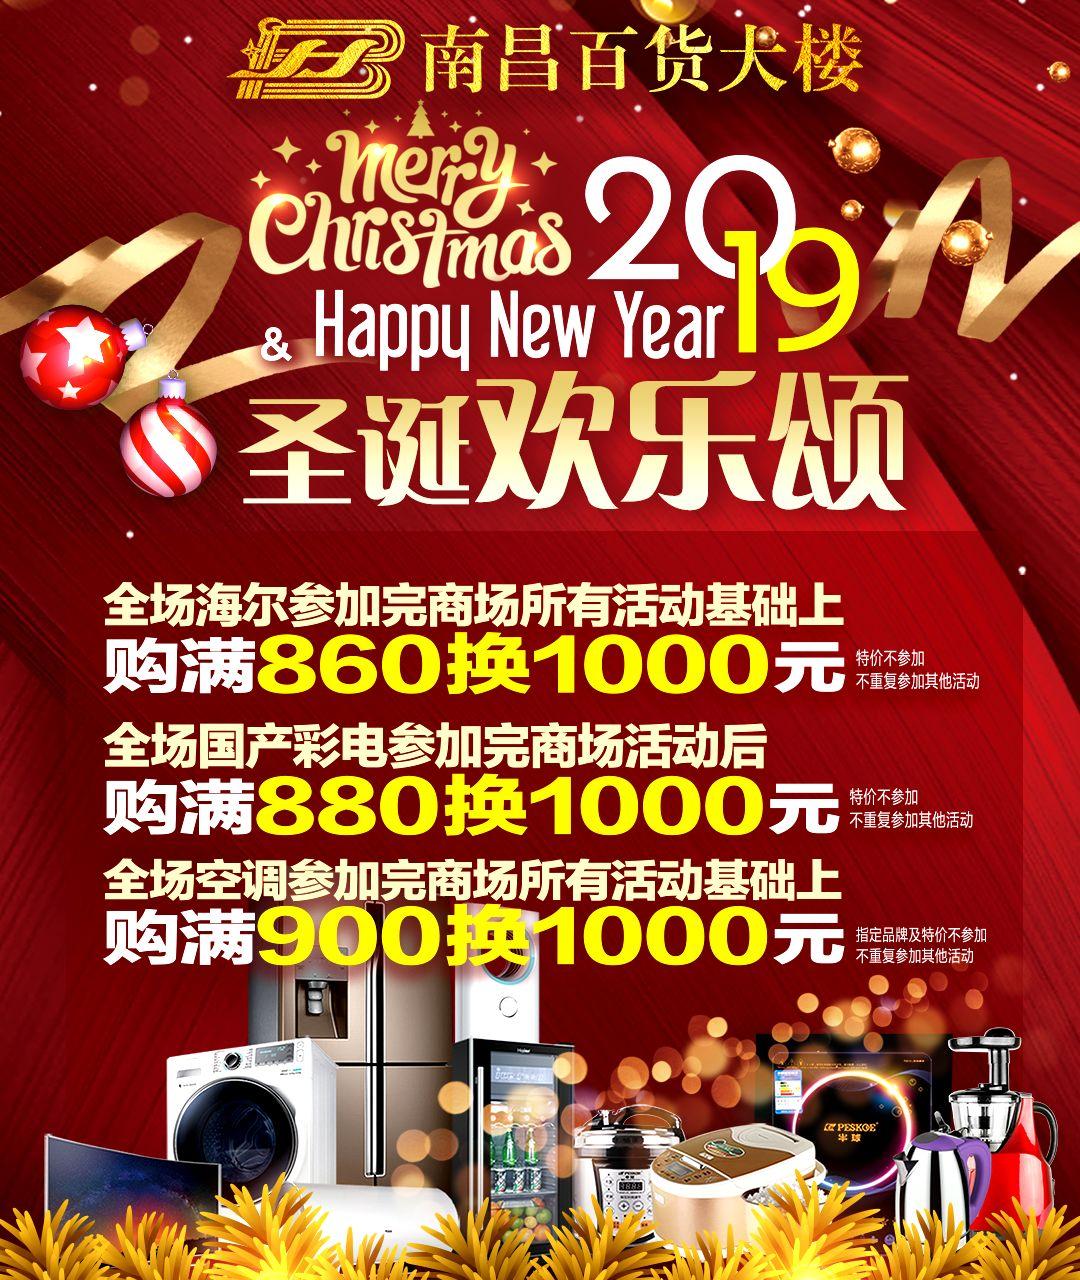 南昌百货大楼2018圣诞节优惠促销信息大汇总